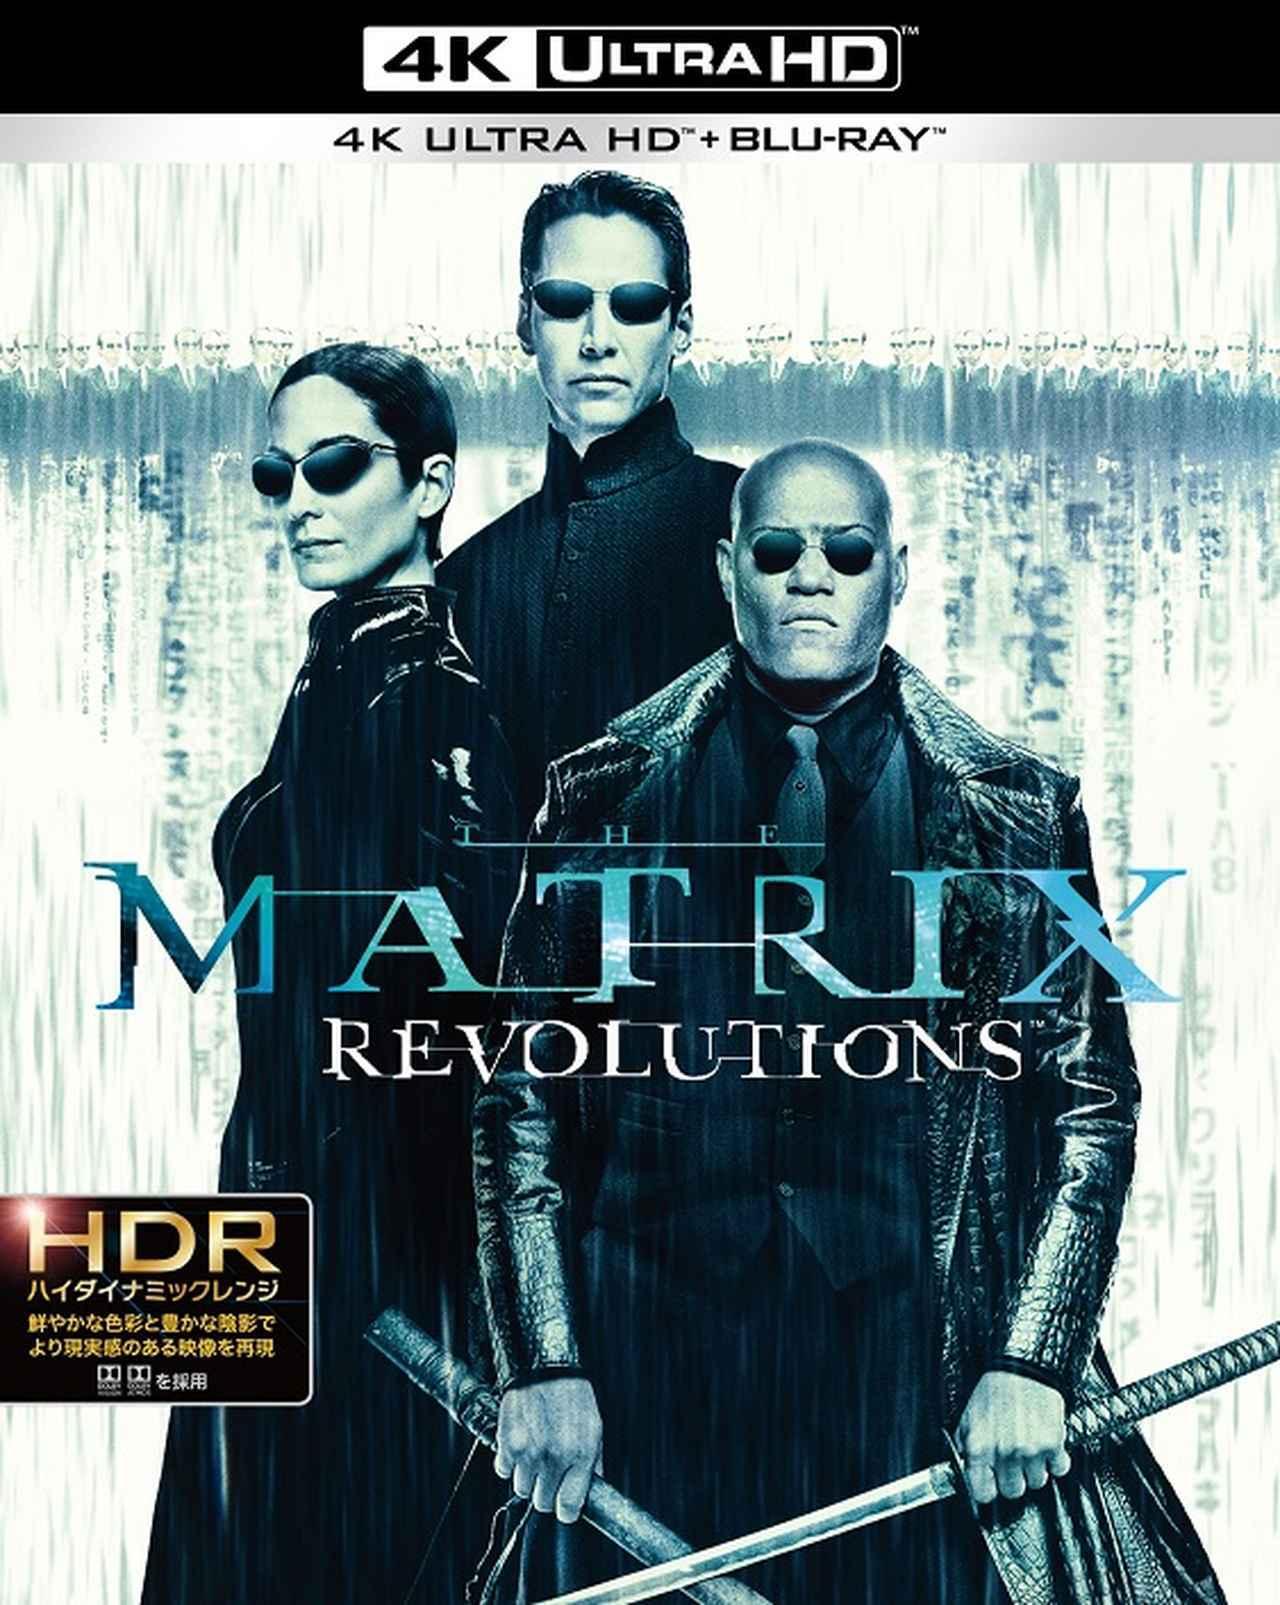 画像3: ◆発売日:2019年9月11日(水) ◆価格:¥6,345+税 (C)1999 Village Roadshow Films (BVI) Limited.(C) 1999 Warner Bros. Entertainment Inc. All Rights Reserved.